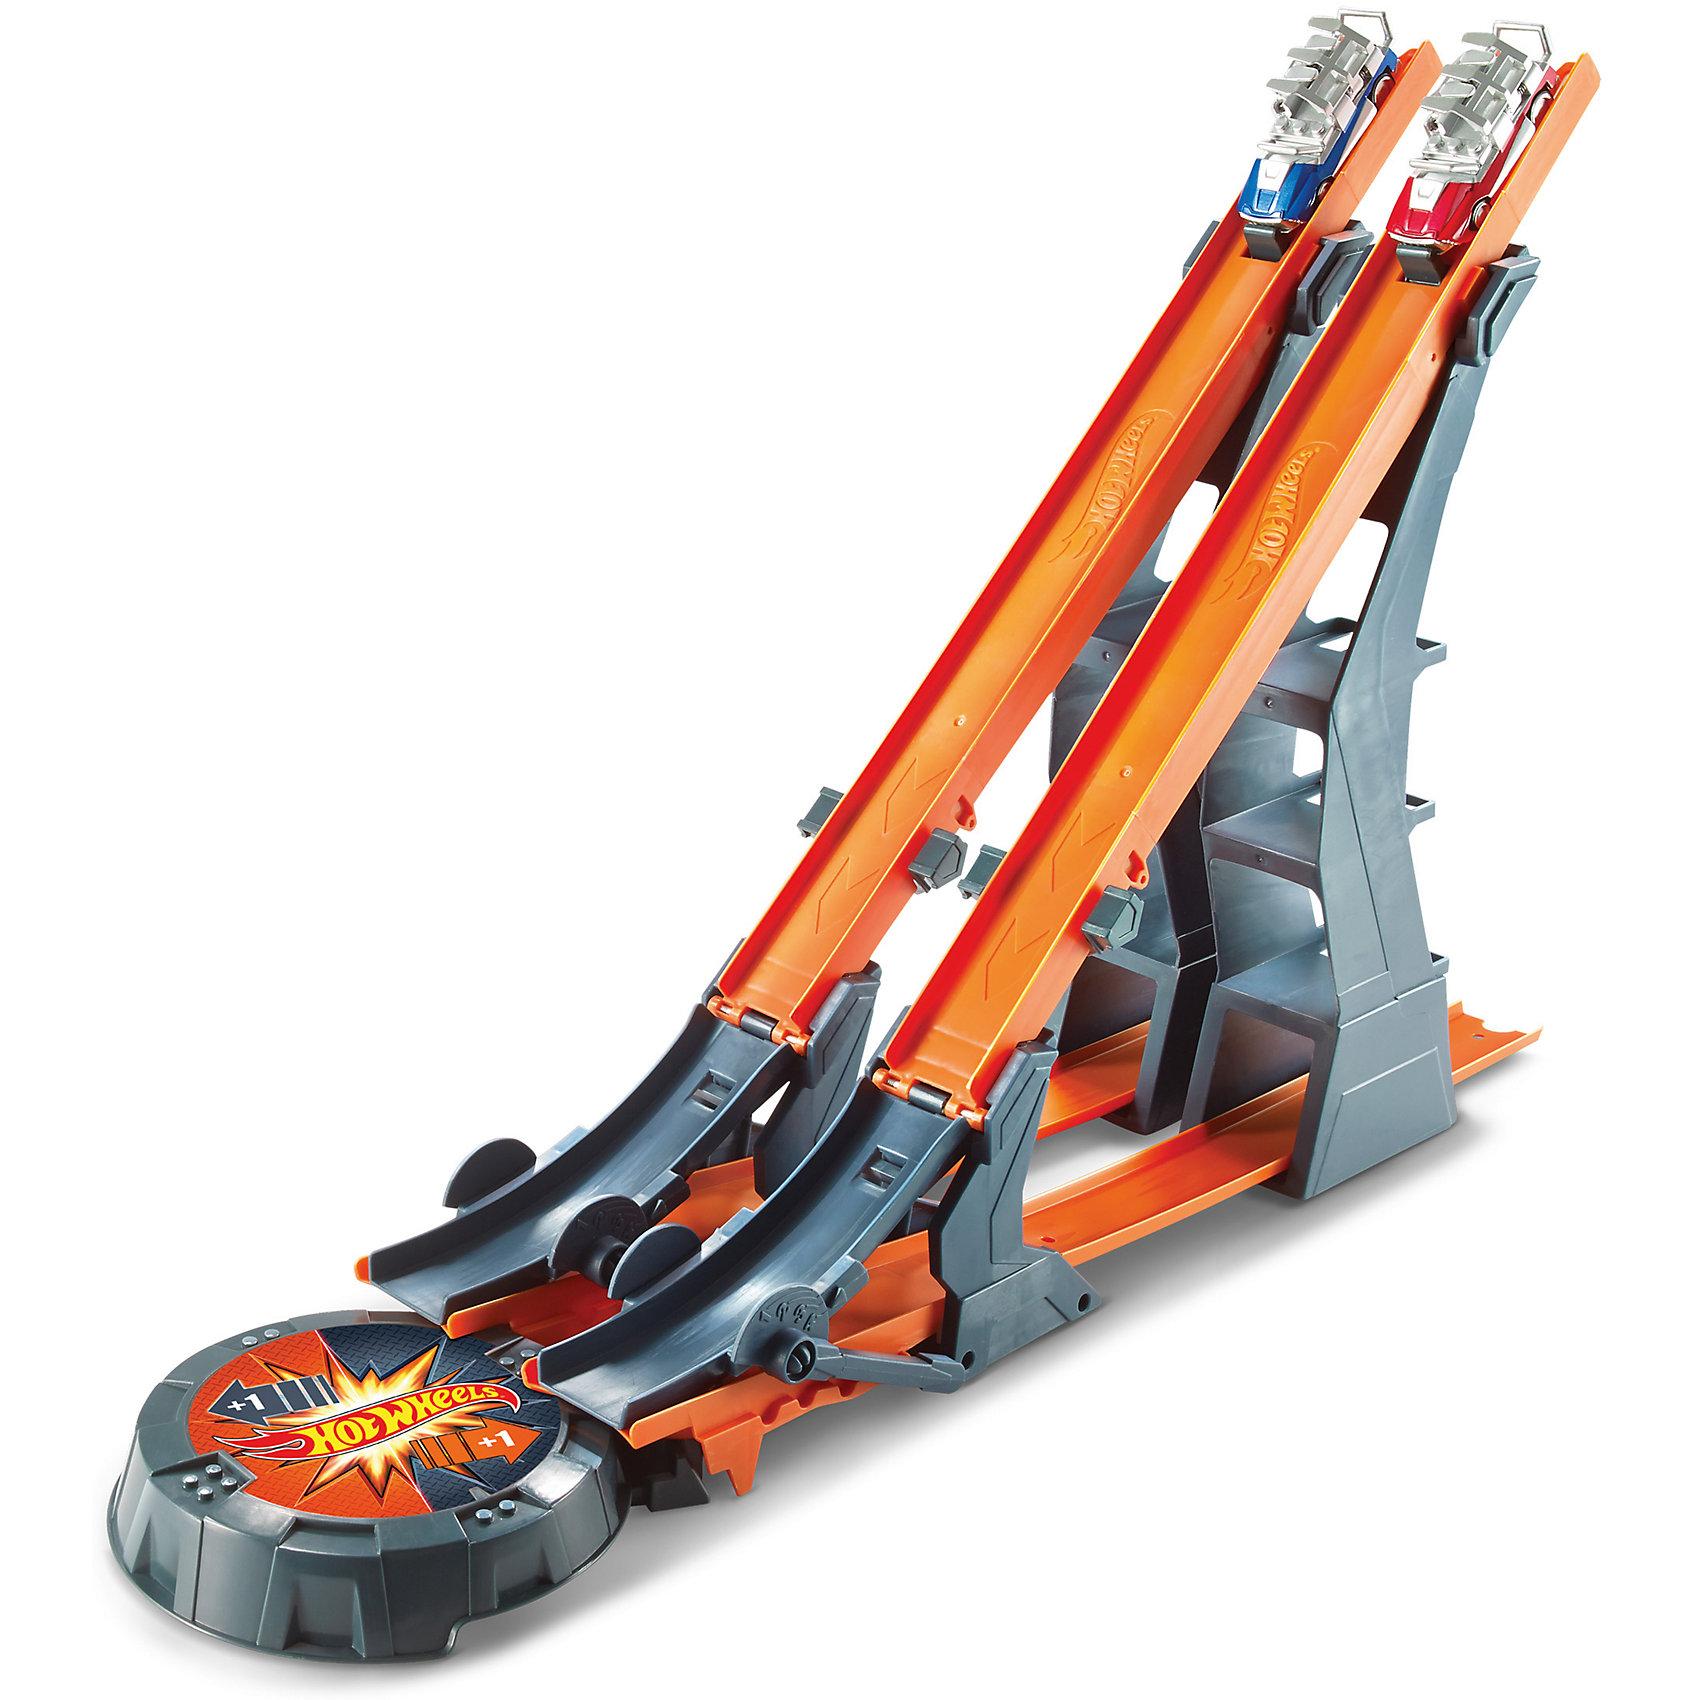 Трасса Супер гравитация, Hot WheelsТрасса Супер гравитация, Hot Wheels (Хот Вилс), Mattel (Маттел) ? самые популярные игровые транспортные треки для мальчиков от бренда Mattel. Трассы Hot Wheels обладают реалистичными деталями, множеством модификаций и совместимостью разных наборов между собой. Выполненные из качественного пластика, эти игрушки устойчивы к физическим повреждениям и изменению цвета, в них отсутствуют опасные и острые детали, что делает эту игрушку безопасной даже для маленьких детей. Производителем рекомендованы наборы для мальчиков от 3-х лет.<br>Трасса Супер гравитация, Hot Wheels, Mattel (Маттел) ? набор, в состав которого входят трасса, две эксклюзивные машинки с креплениями и подставка для планшета или смартфона для записывания разыгрываемых сюжетов. <br>Сюжетные игры с трассами Hot Wheels (Хот Вилс), Mattel (Маттел) формируют конструкторские навыки, тренируют память и развивают логическое мышление и воображение. А также эта игрушка способствует эмоциональному развитию ребенка.<br><br>Дополнительная информация:<br><br>- Вид игр: сюжетно-ролевые <br>- Предназначение: для дома<br>- Материал: пластик<br>- Комплектация: элементы для трассы с изгибами, подставка для планшета, 2 машинки с креплениями<br>- Размер (Д*Ш*В): 8,5*56*25,5 см<br>- Вес: 1 кг 519 г <br>- Особенности ухода: можно протирать влажной губкой<br><br>Подробнее:<br><br>• Для детей в возрасте: от 4 лет и до 10 лет<br>• Страна производитель: Китай<br>• Торговый бренд: Mattel<br><br>Трассу Супер гравитация, Hot Wheels (Хот Вилс), Mattel (Маттел) можно купить в нашем интернет-магазине.<br><br>Ширина мм: 85<br>Глубина мм: 560<br>Высота мм: 255<br>Вес г: 1519<br>Возраст от месяцев: 48<br>Возраст до месяцев: 120<br>Пол: Мужской<br>Возраст: Детский<br>SKU: 4915807